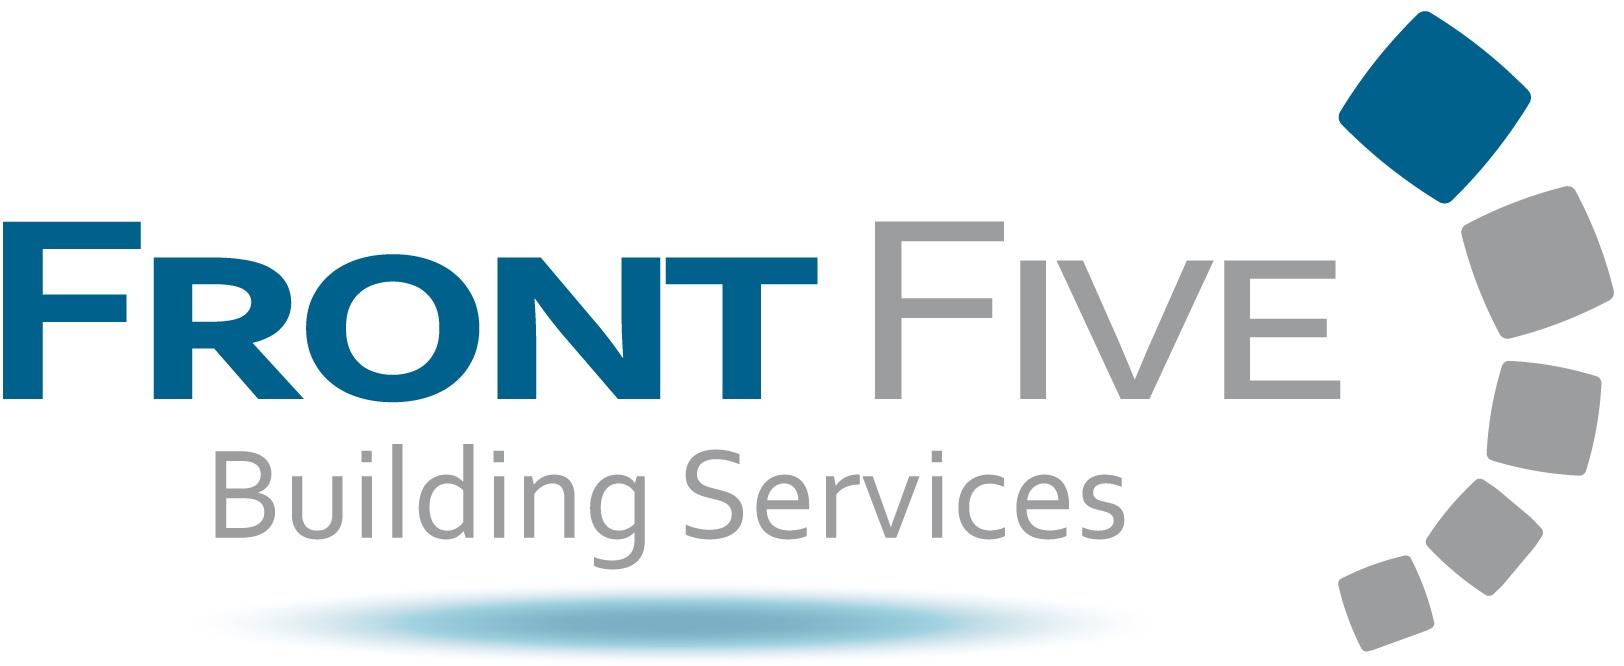 Front Five Building Services